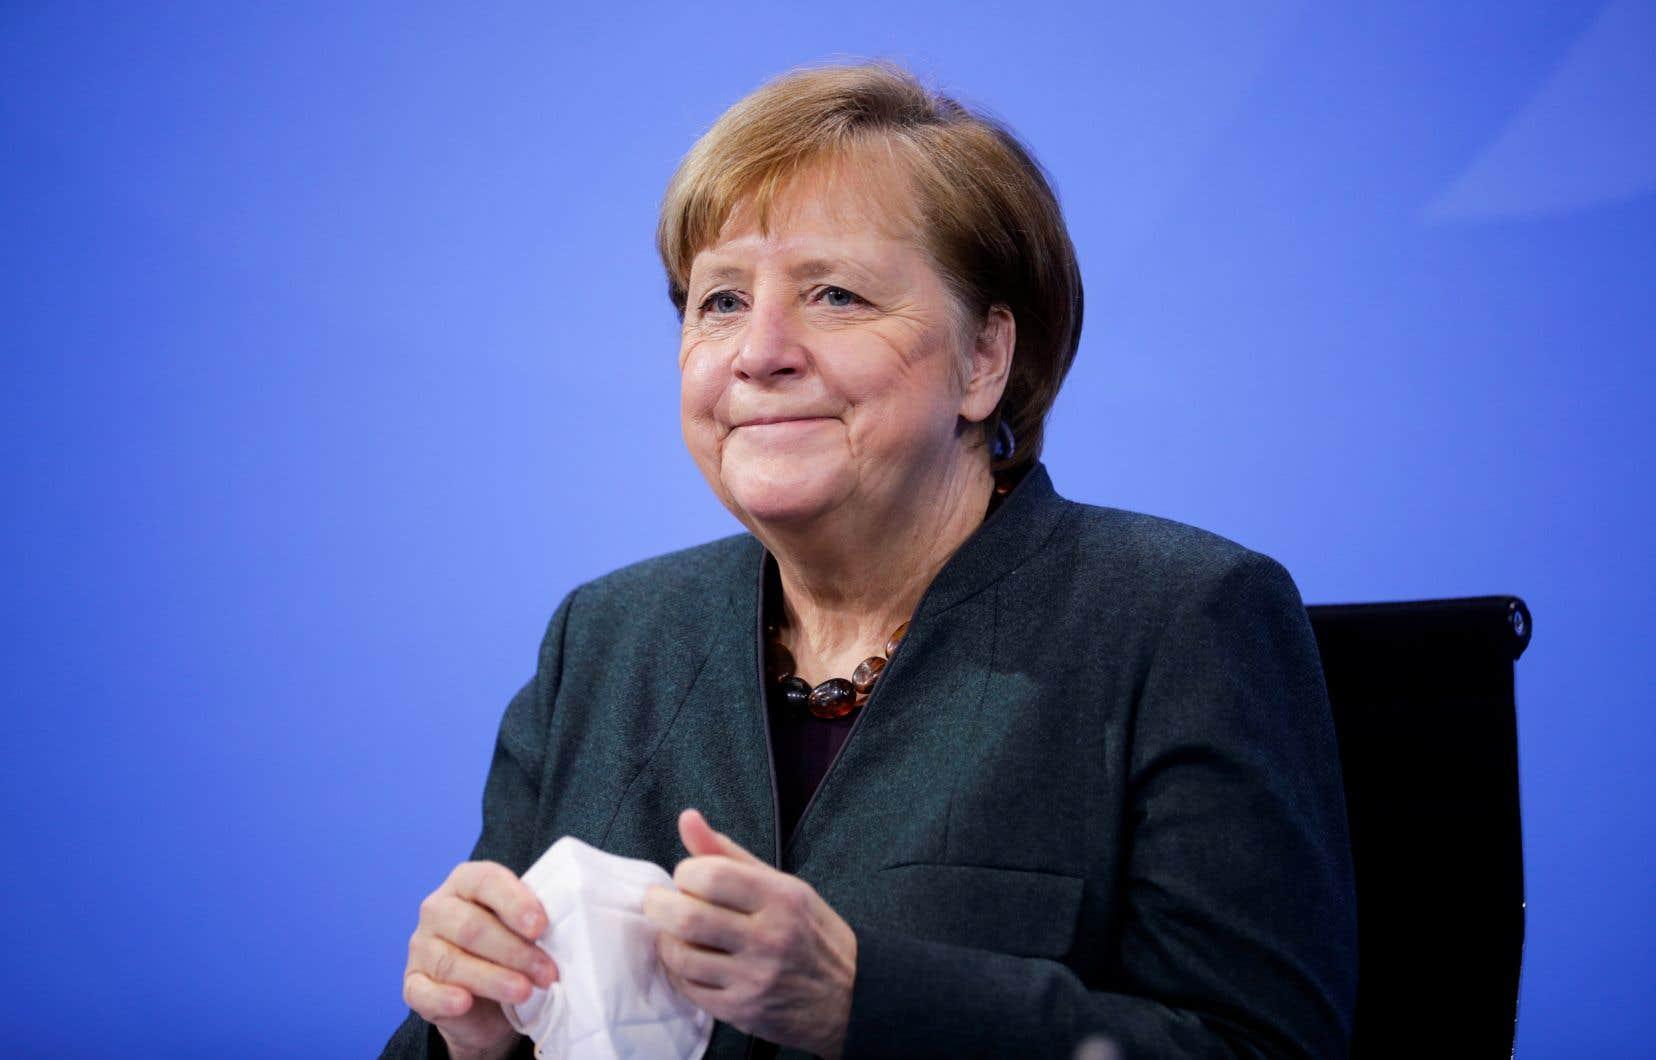 «J'ai hâte [d'ouvrir]un nouveau chapitre de l'amitié et de la coopération germano-américaines», a dit la chancelière Angela Merkel dans un message de félicitations.